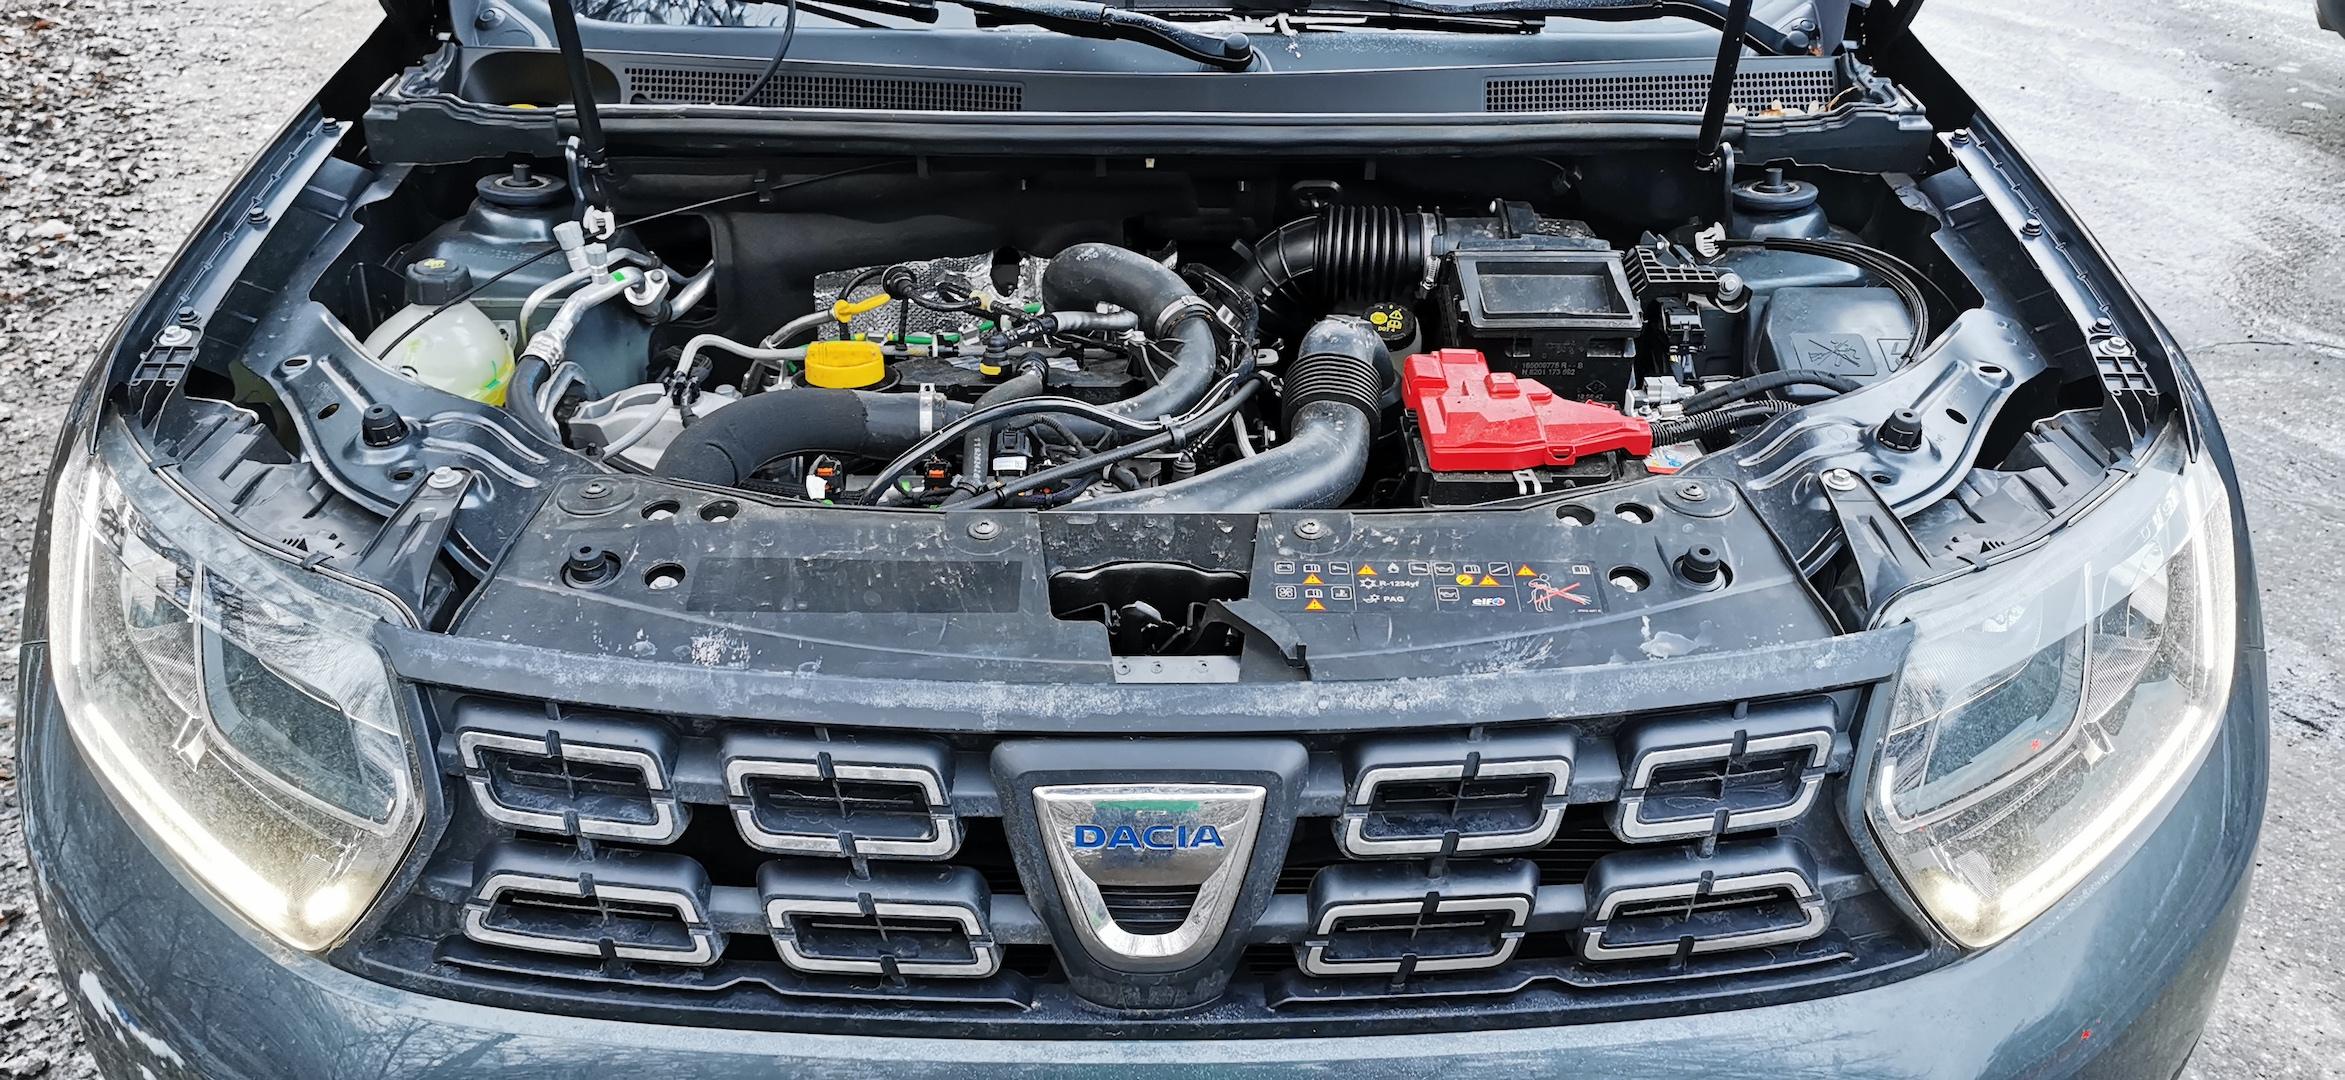 Dacia Duster TCe 100 LPG - motor